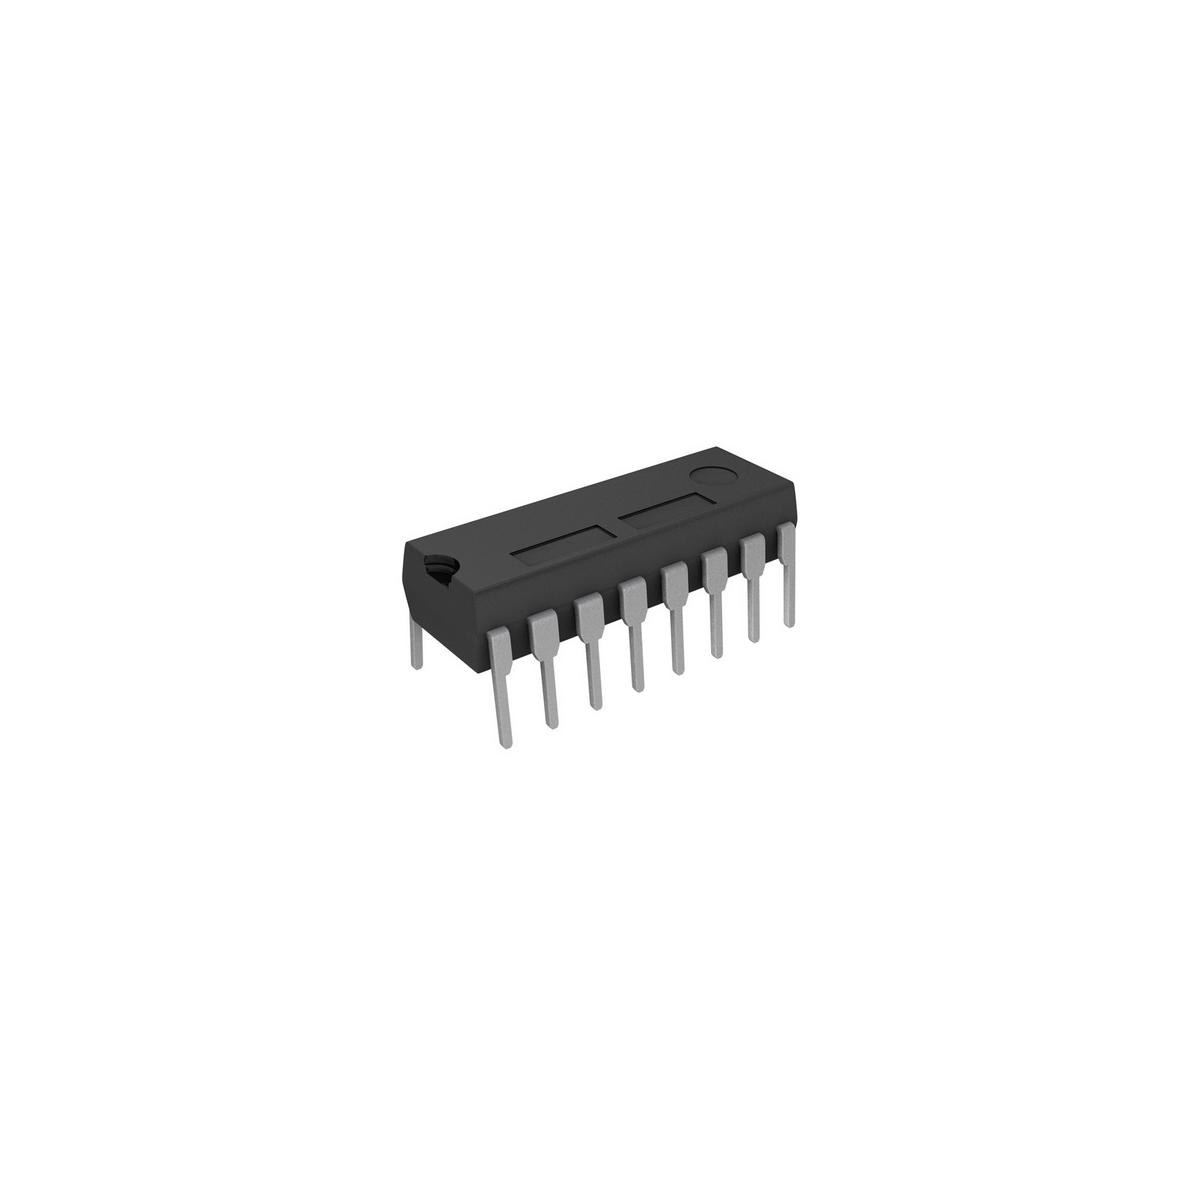 CD 4017   (DIP-16)